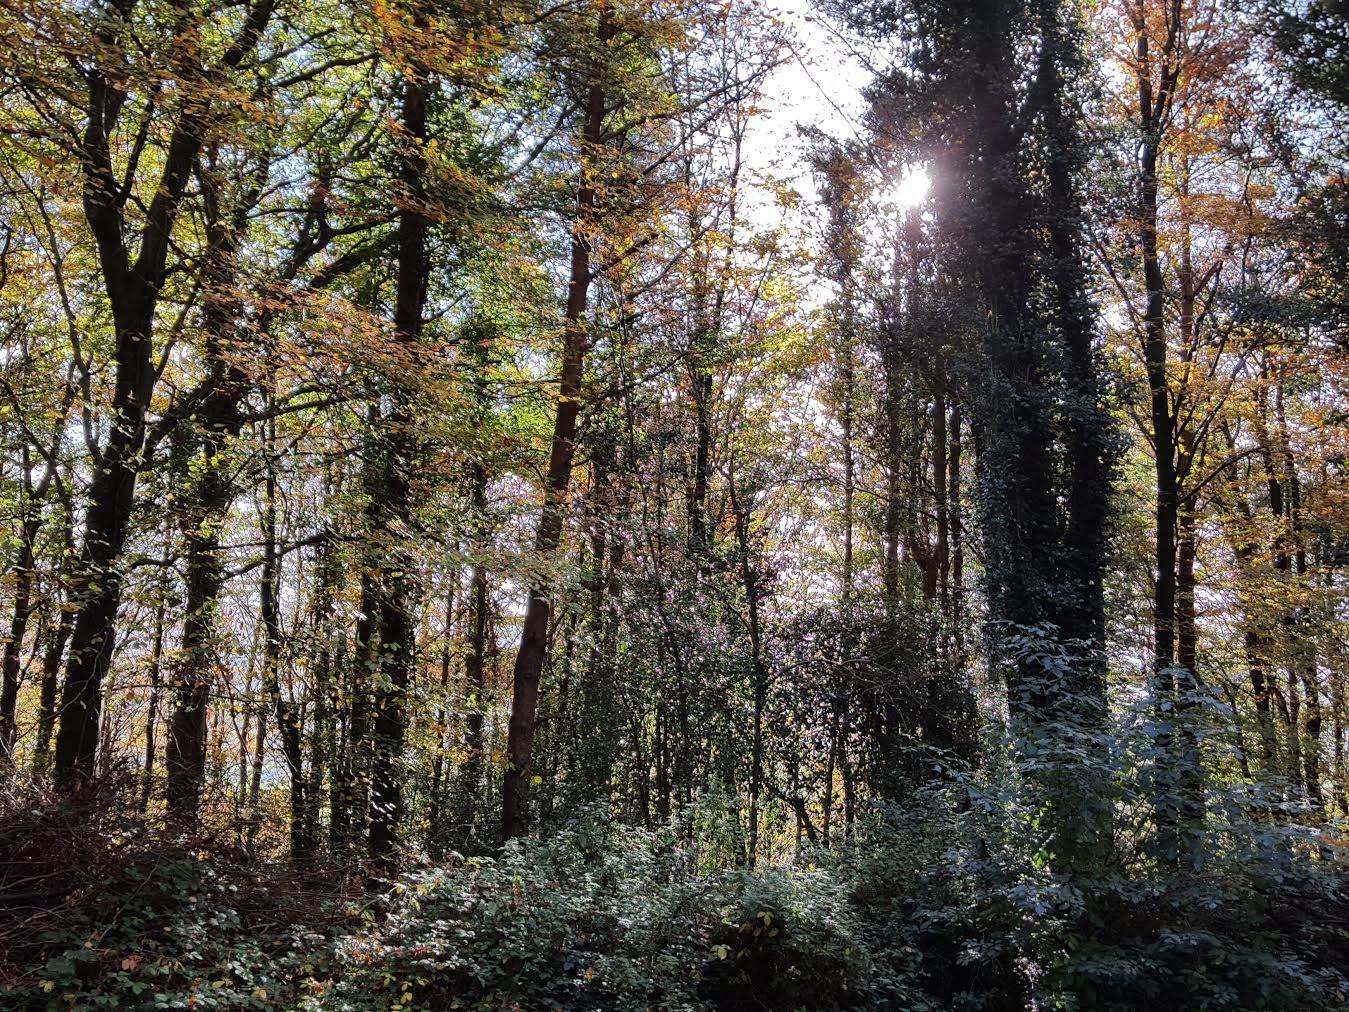 Mullins Tree Care